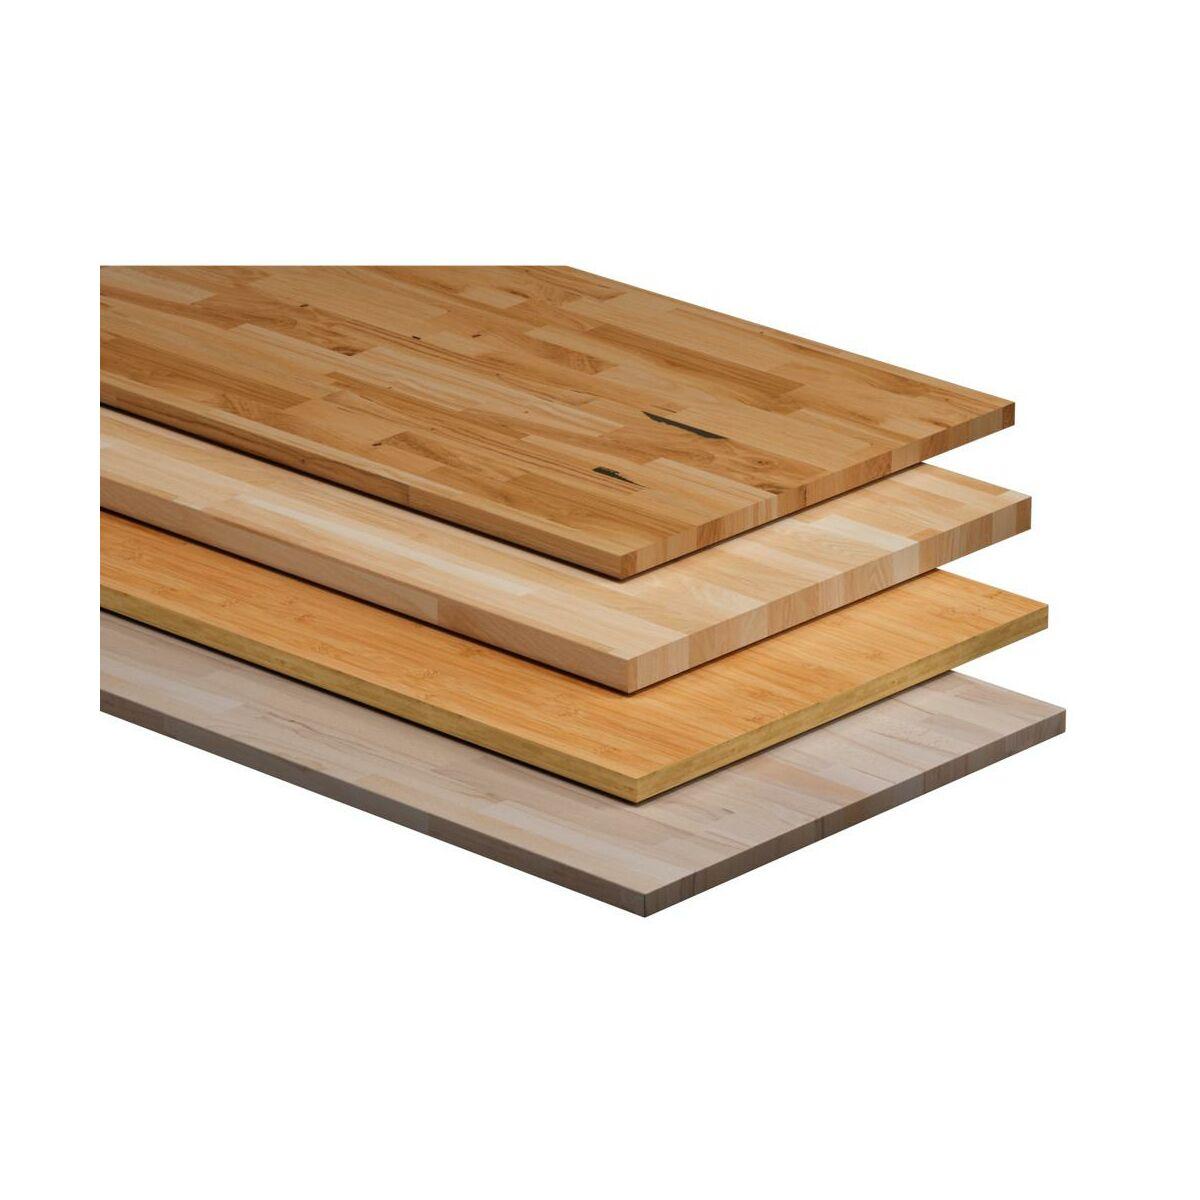 Blat Kuchenny Drewniany Dab Delinia Blaty Drewniane W Atrakcyjnej Cenie W Sklepach Leroy Merlin